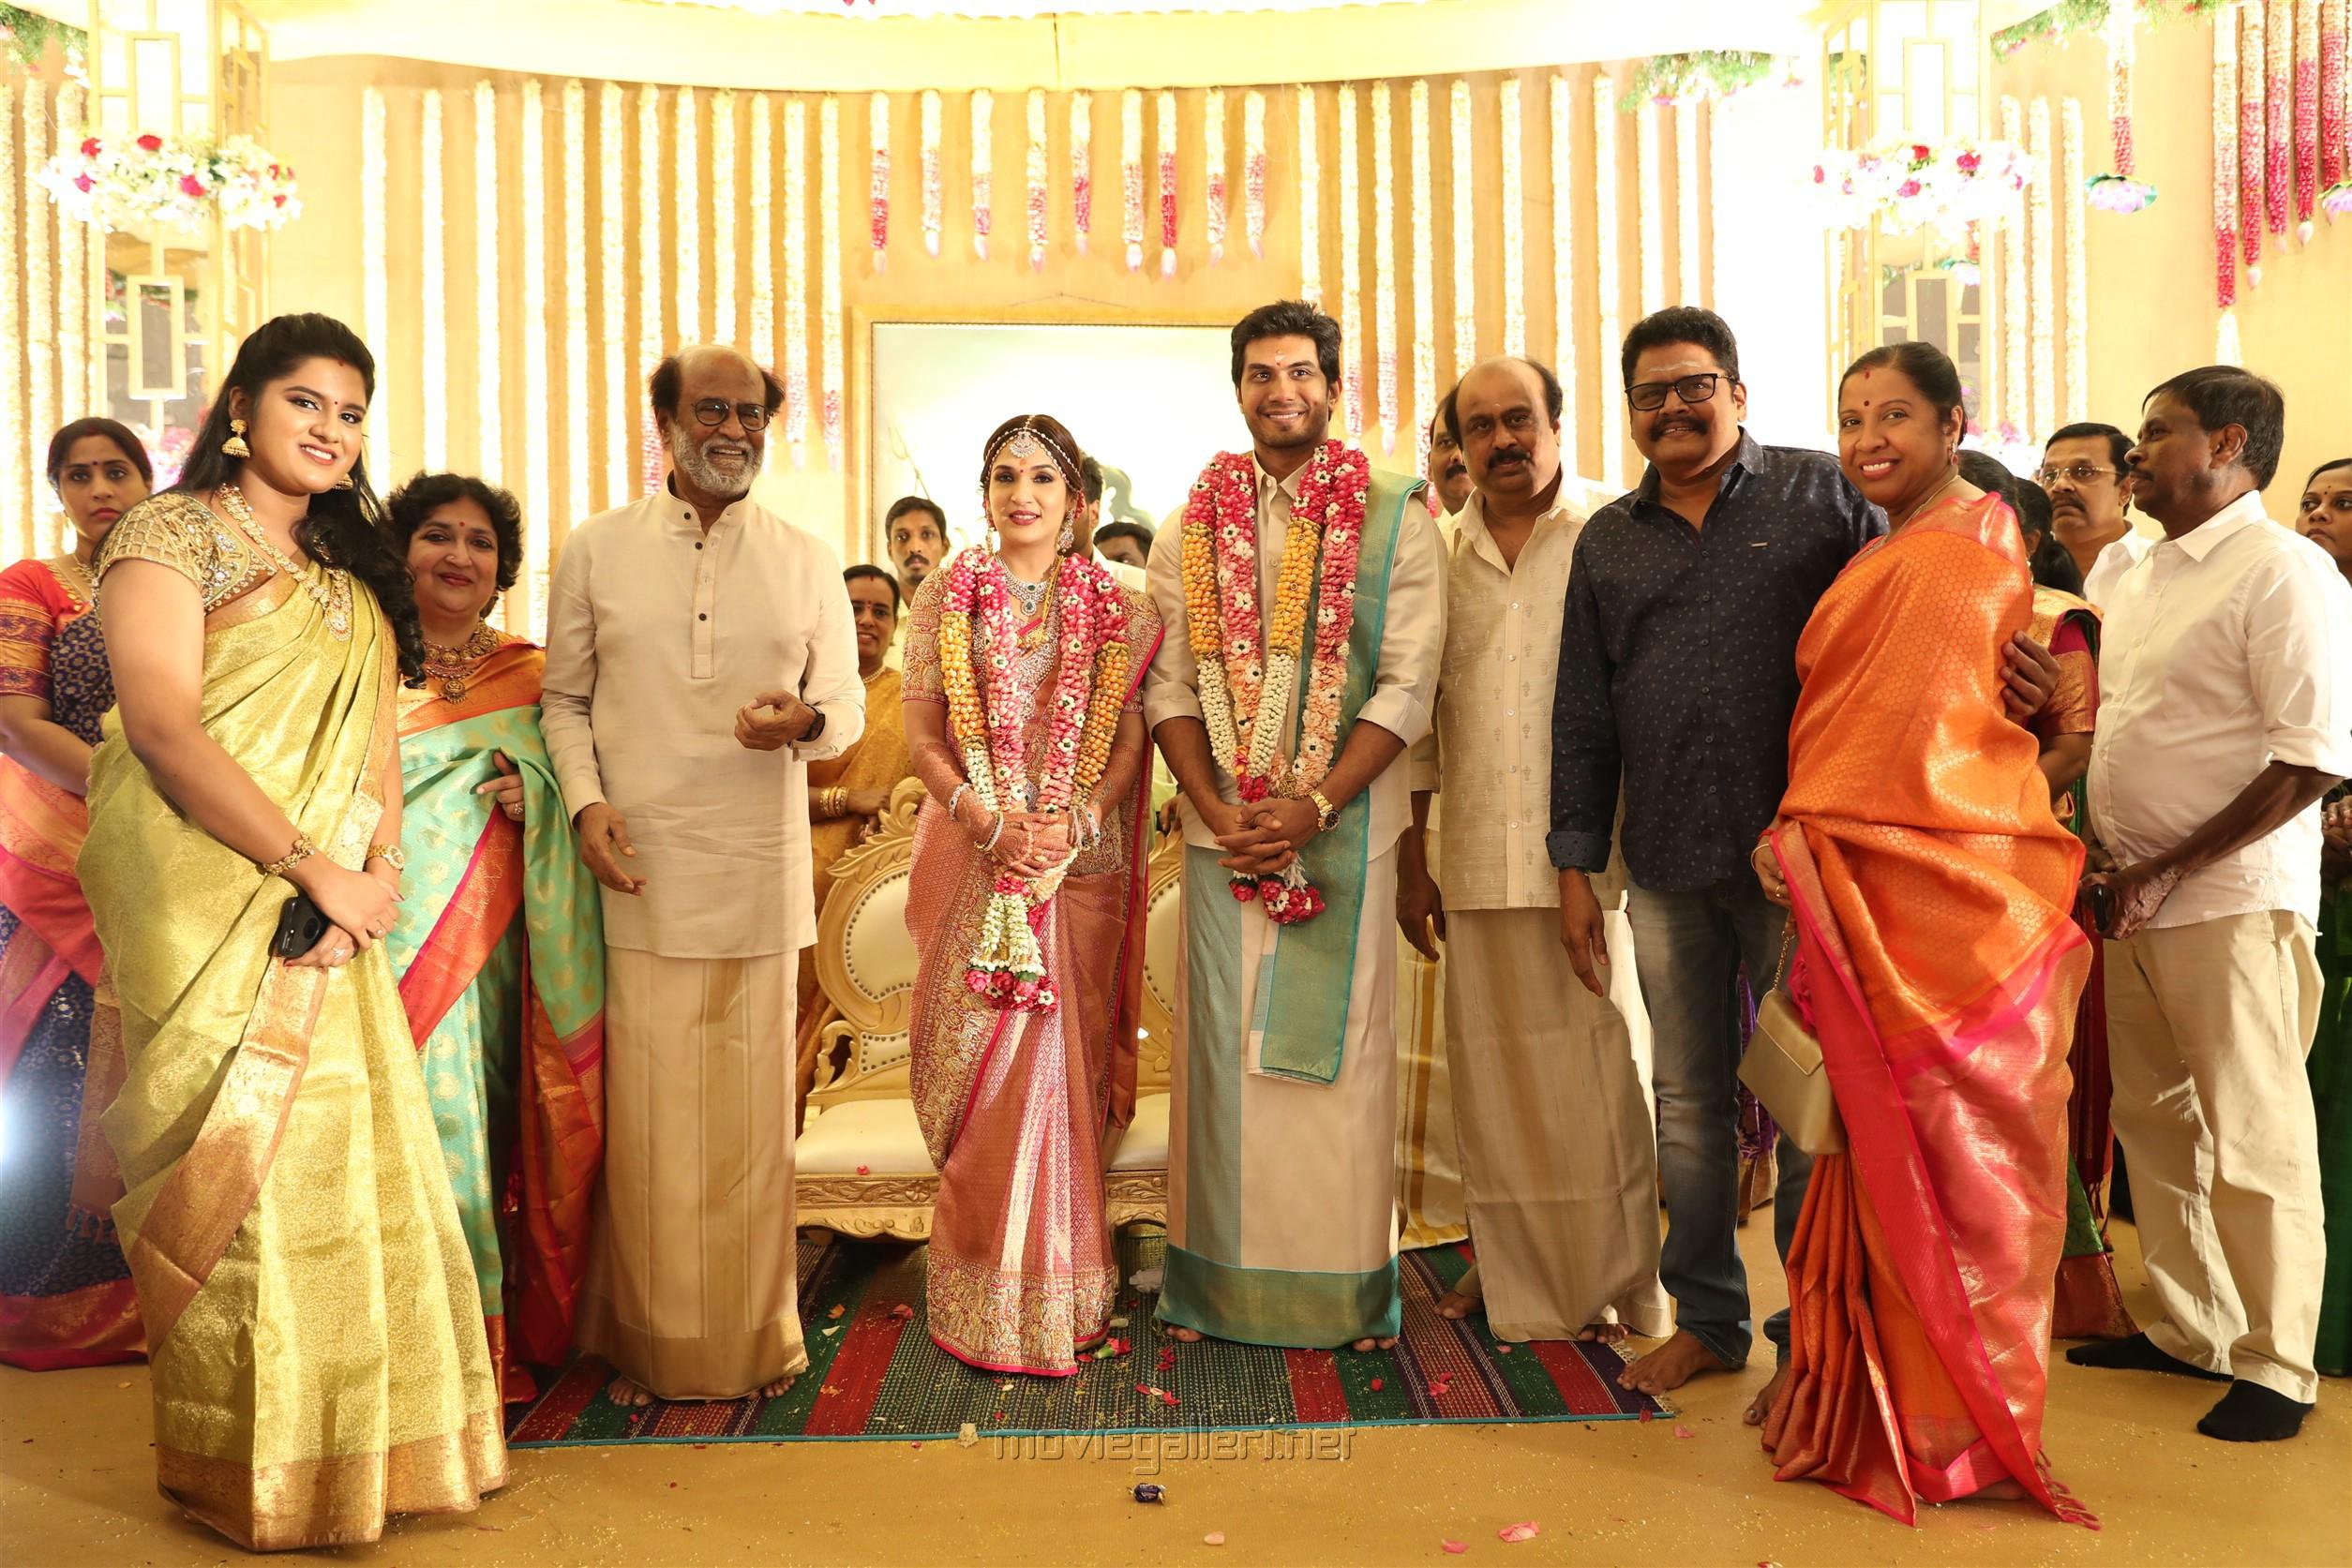 KS Ravikumar @ Vishagan Soundarya Rajinikanth Marriage Photos HD